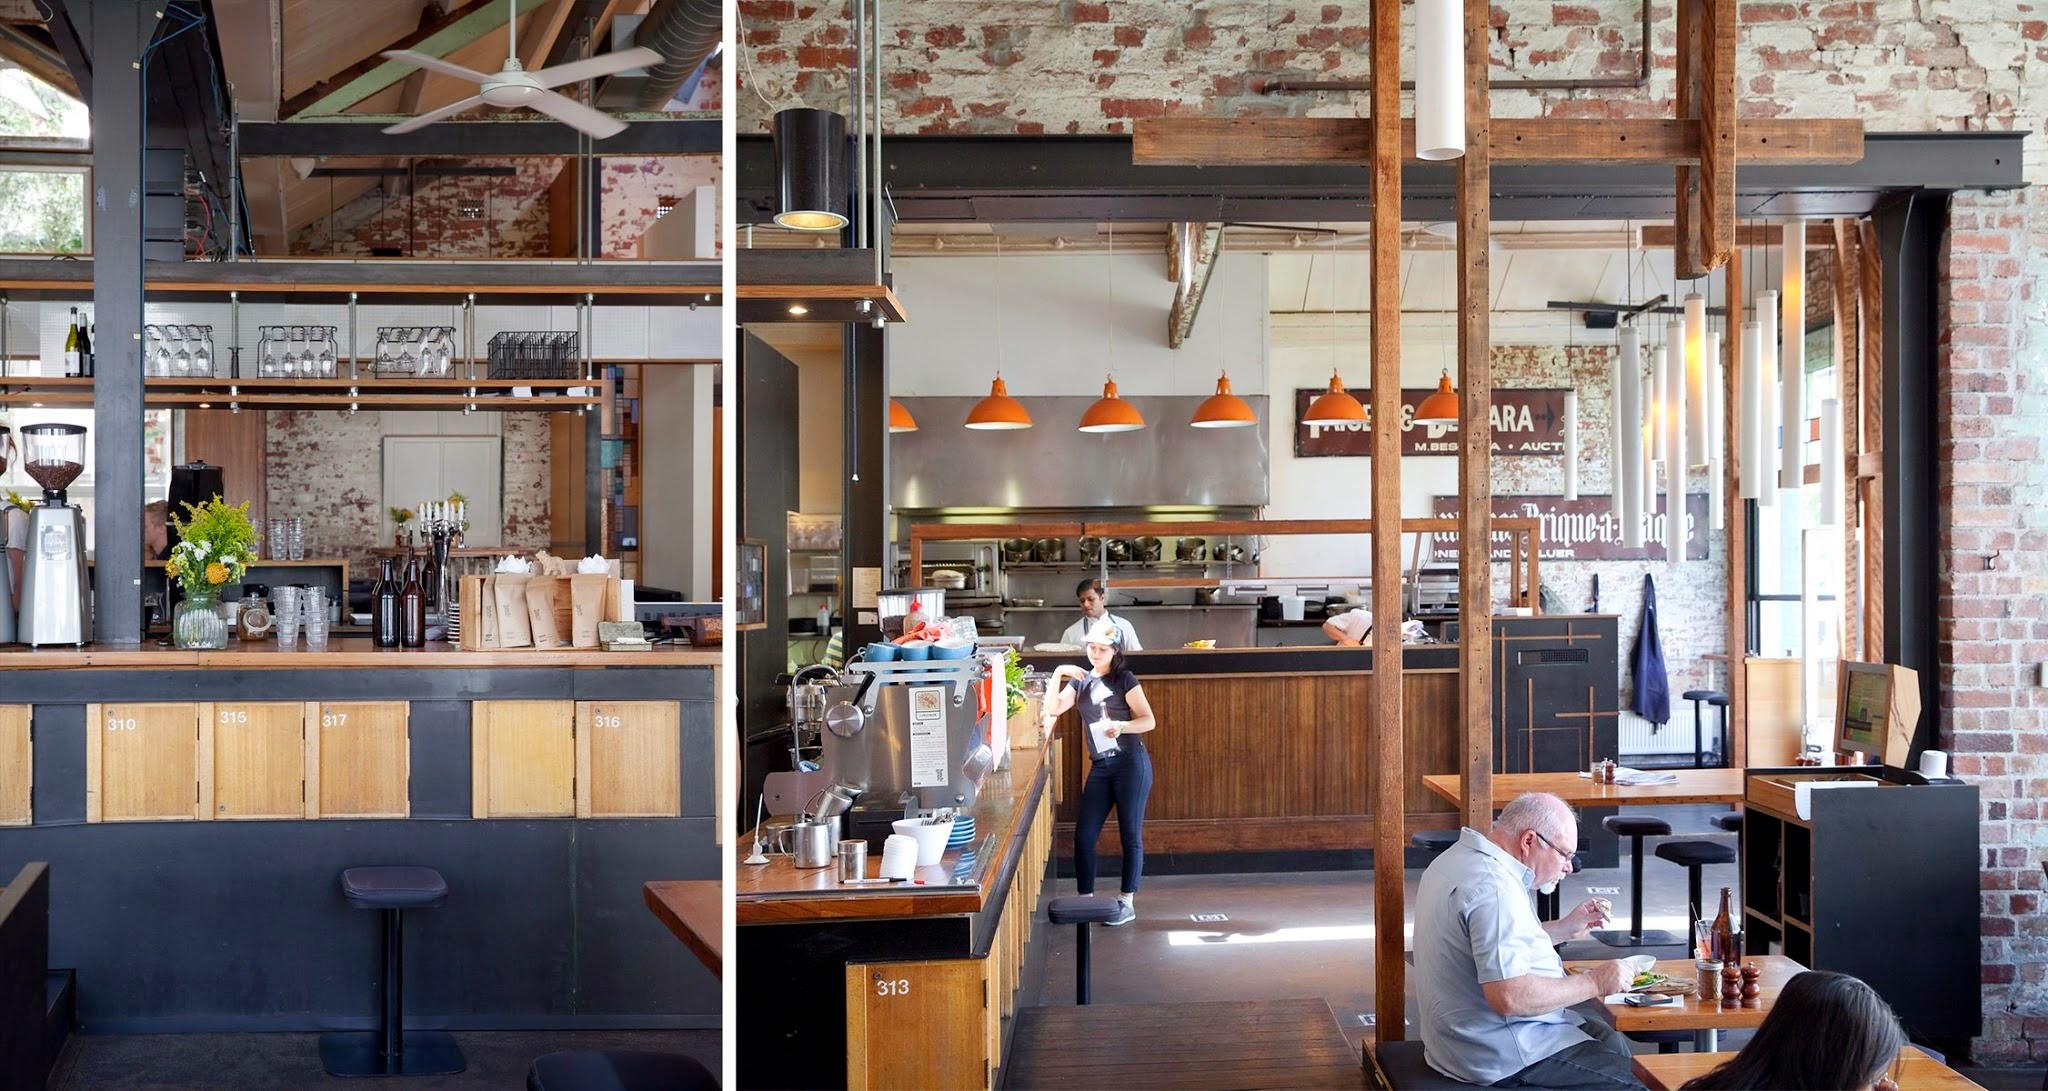 Auction House Melbourne Cafe